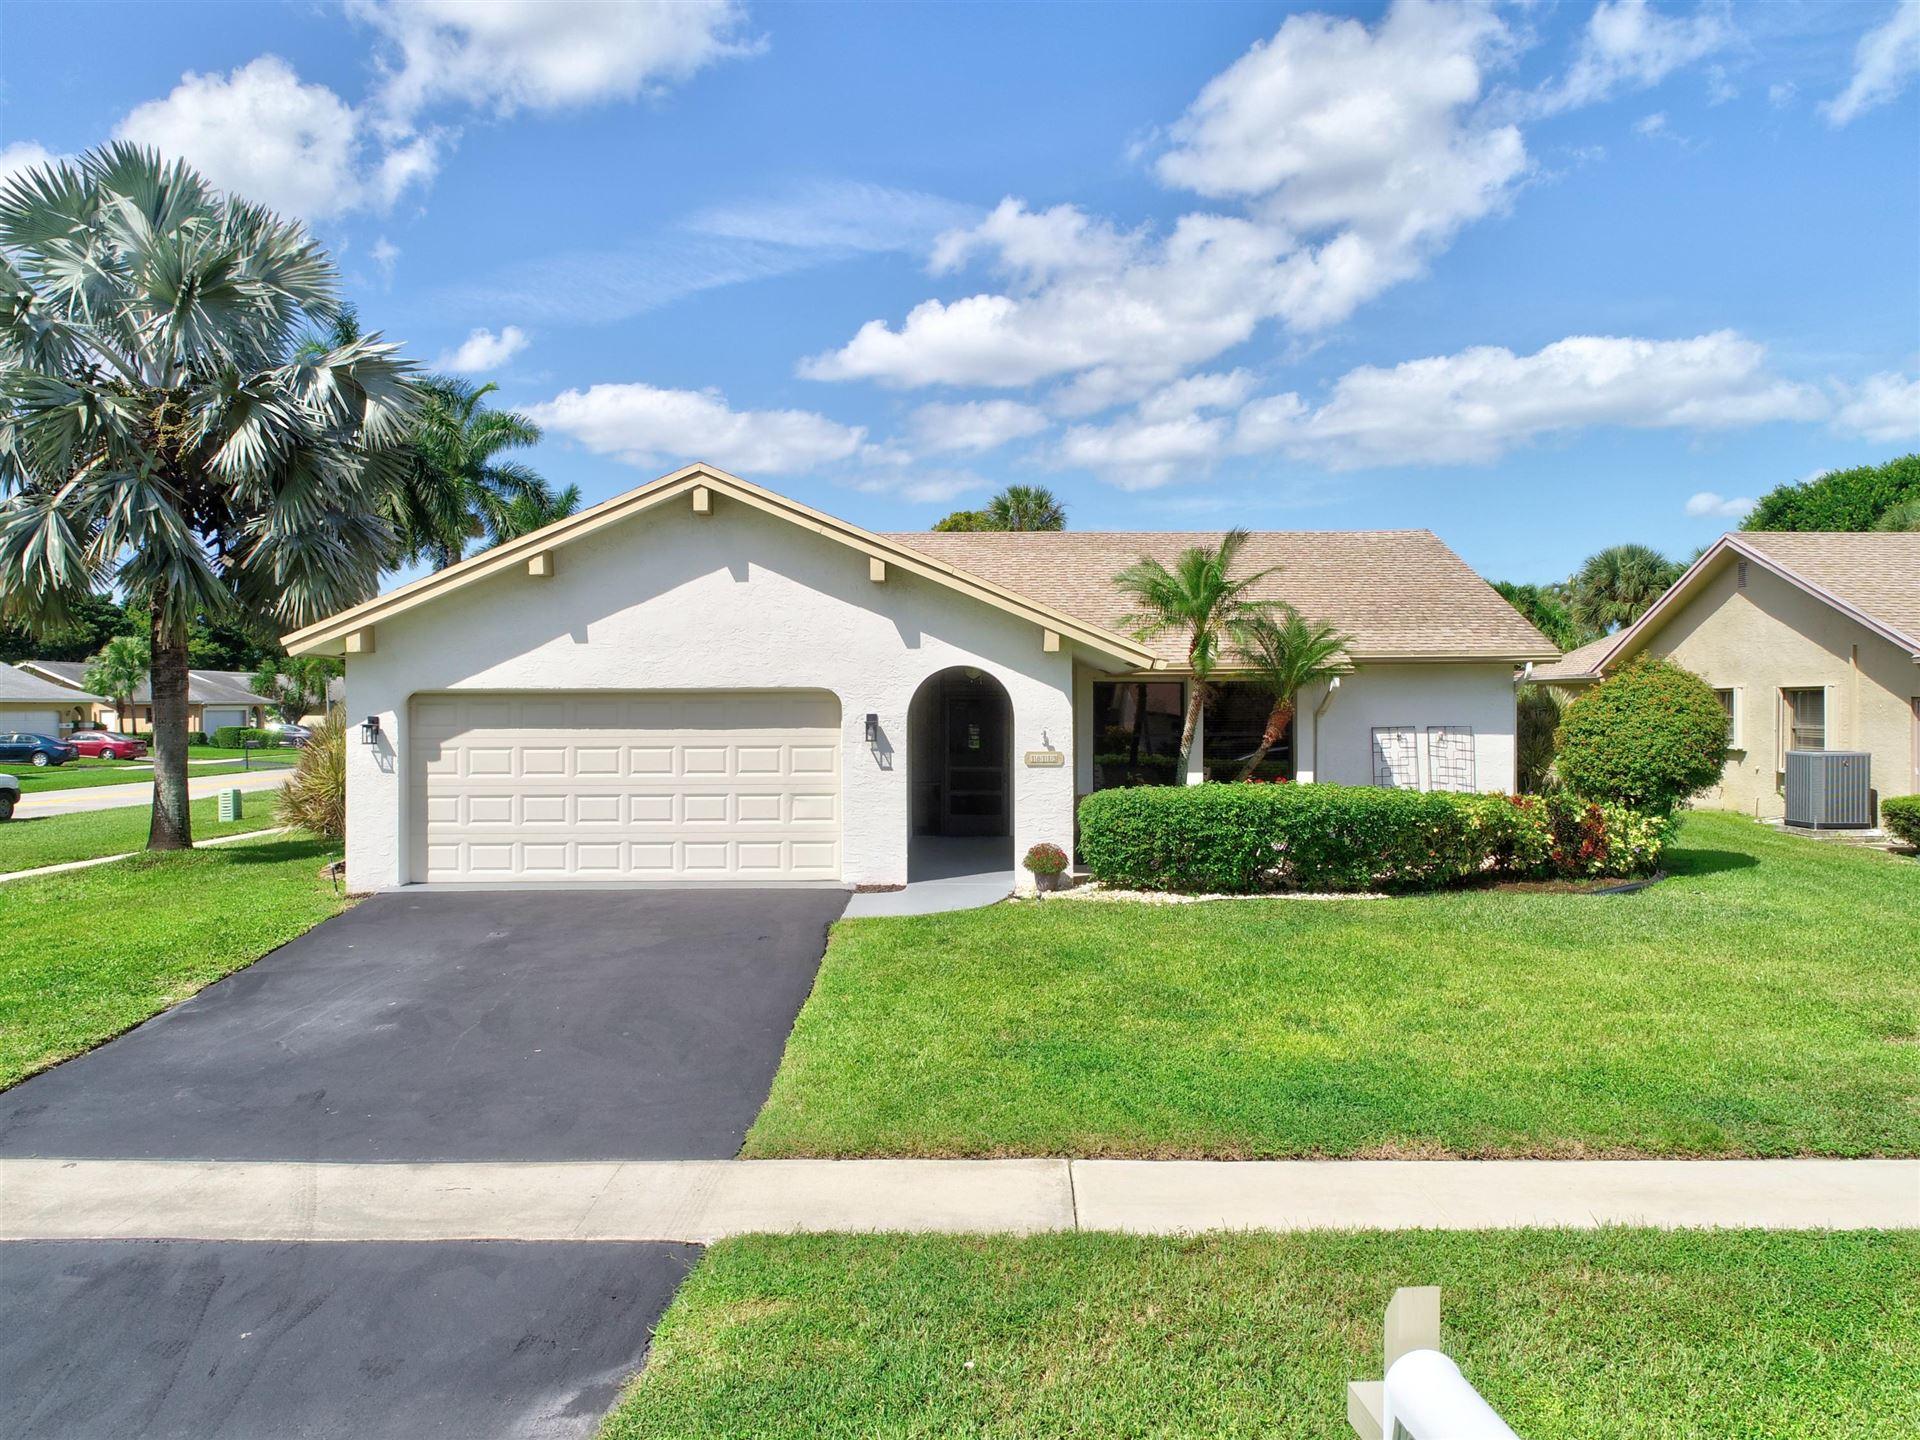 18113 105th Avenue S, Boca Raton, FL 33498 - #: RX-10657845